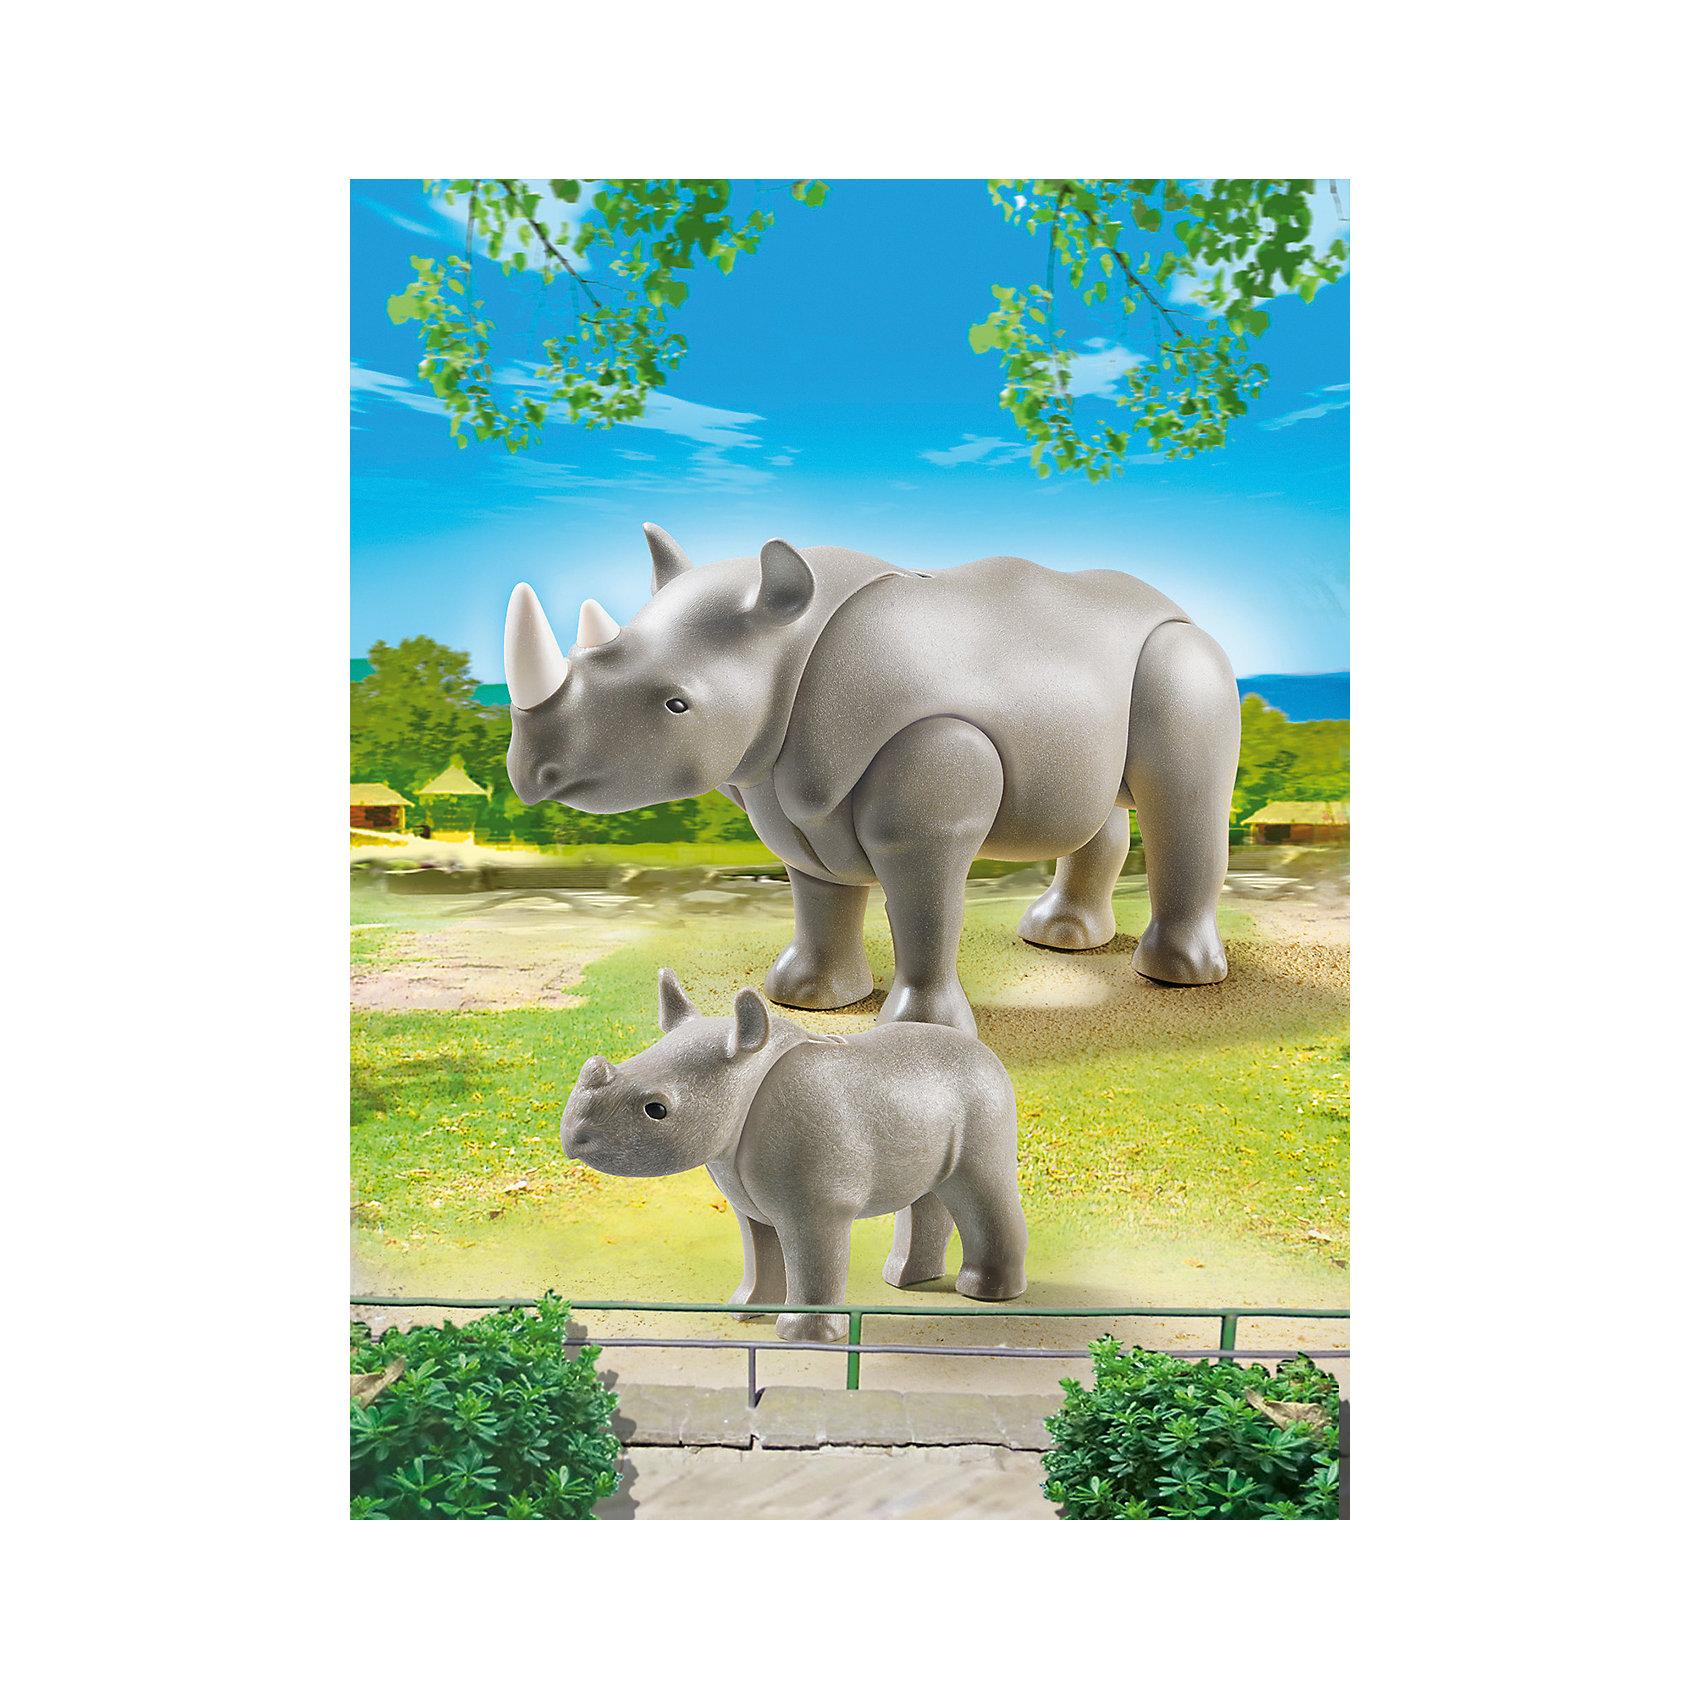 Зоопарк: Носорог с носорожком, PLAYMOBILЗоопарк: Носорог с носорожком, PLAYMOBIL (Плэймобил)<br><br>Характеристики:<br><br>• семья носорогов из качественного пластика <br>• подвижная голова<br>• в комплекте: большая и маленькая фигурка носорога<br>• размер упаковки: 16,9х24,6х8 см<br>• вес: 150 грамм<br>• материал: пластик<br><br>Набор от Плэймобил станет прекрасным дополнением к игрушечному зоопарку ребенка. В комплект входит маленькая фигурка носорога и большая. Они обе имеют подвижные головы, а большая фигурка еще и подвижные конечности. Ребенок сможет придумать интересную игру с этим милым семейством!<br><br>Зоопарк: Носорог с носорожком, PLAYMOBIL (Плэймобил) можно купить в нашем интернет-магазине.<br><br>Ширина мм: 231<br>Глубина мм: 157<br>Высота мм: 47<br>Вес г: 15<br>Возраст от месяцев: 48<br>Возраст до месяцев: 120<br>Пол: Унисекс<br>Возраст: Детский<br>SKU: 3786364